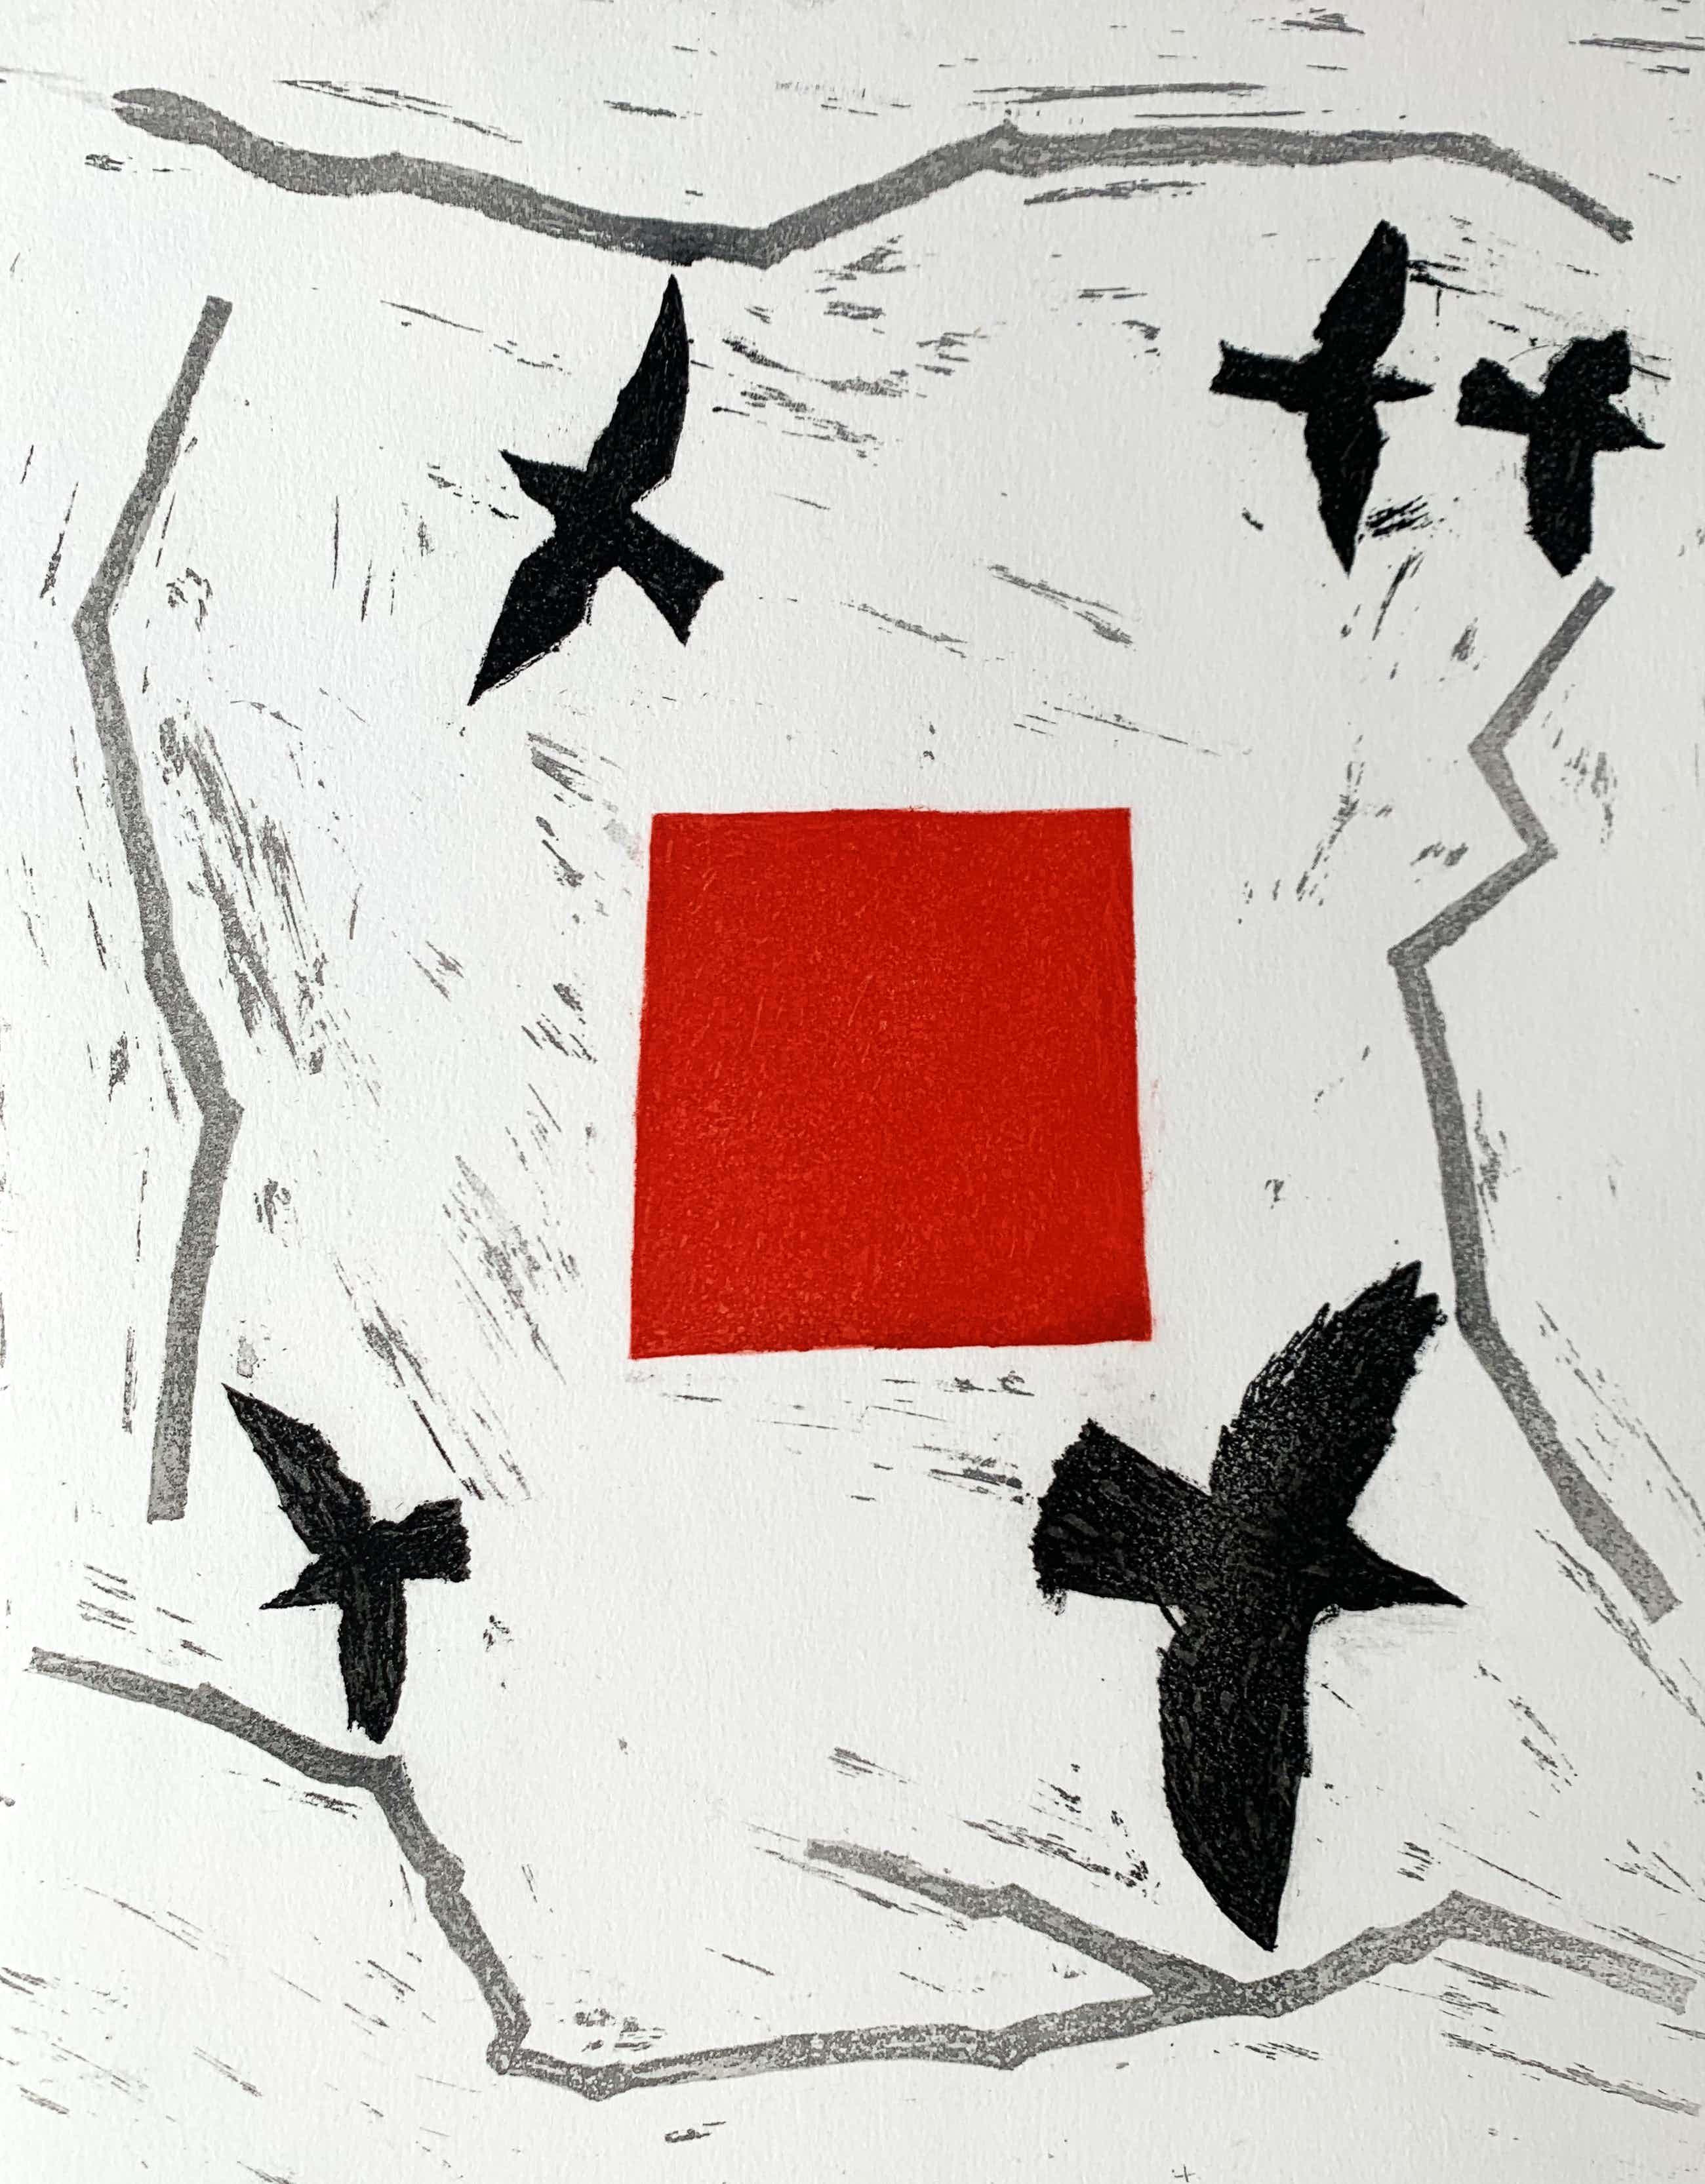 Harrie Gerritz - kleurenets - 'Vogels en alarm' - 1985 kopen? Bied vanaf 75!